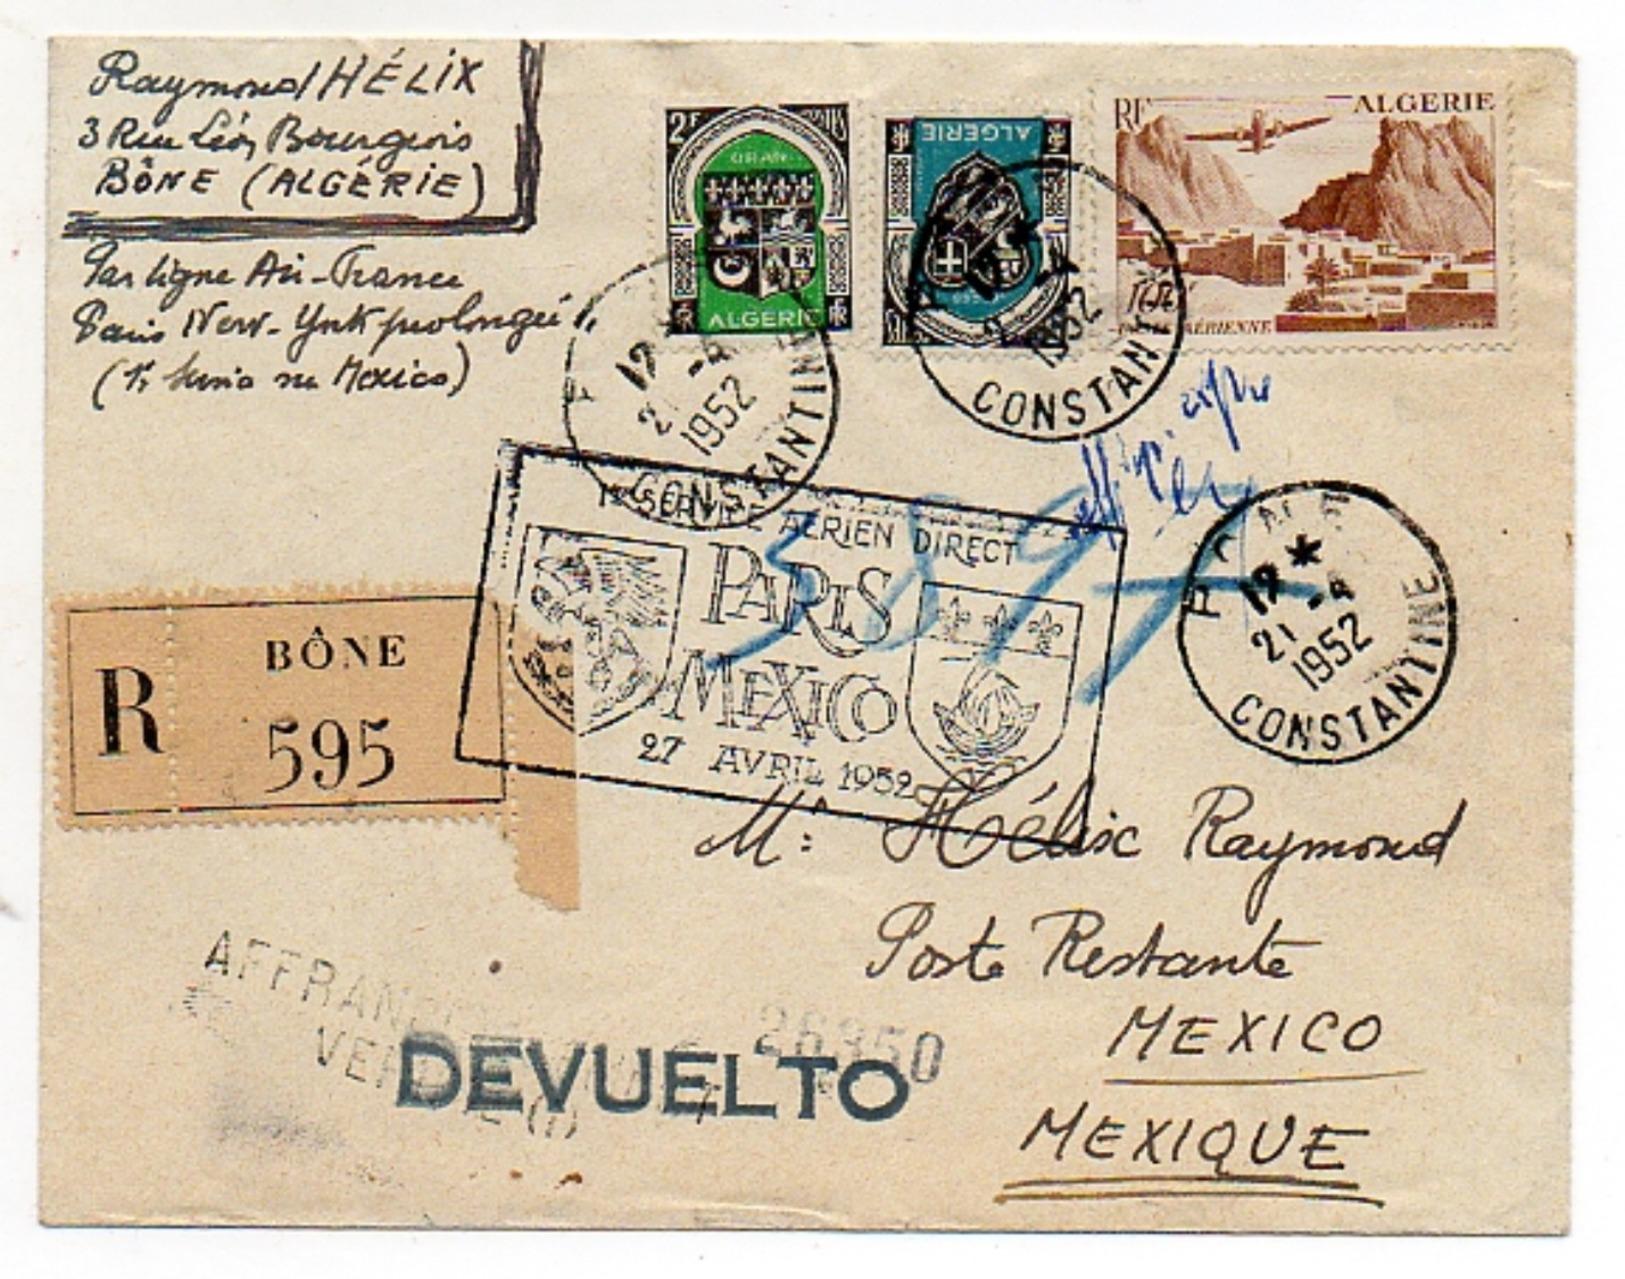 ALGERIE - Poste Aérienne (1er Service Aérien Paris-Mexico) - Poste Aérienne